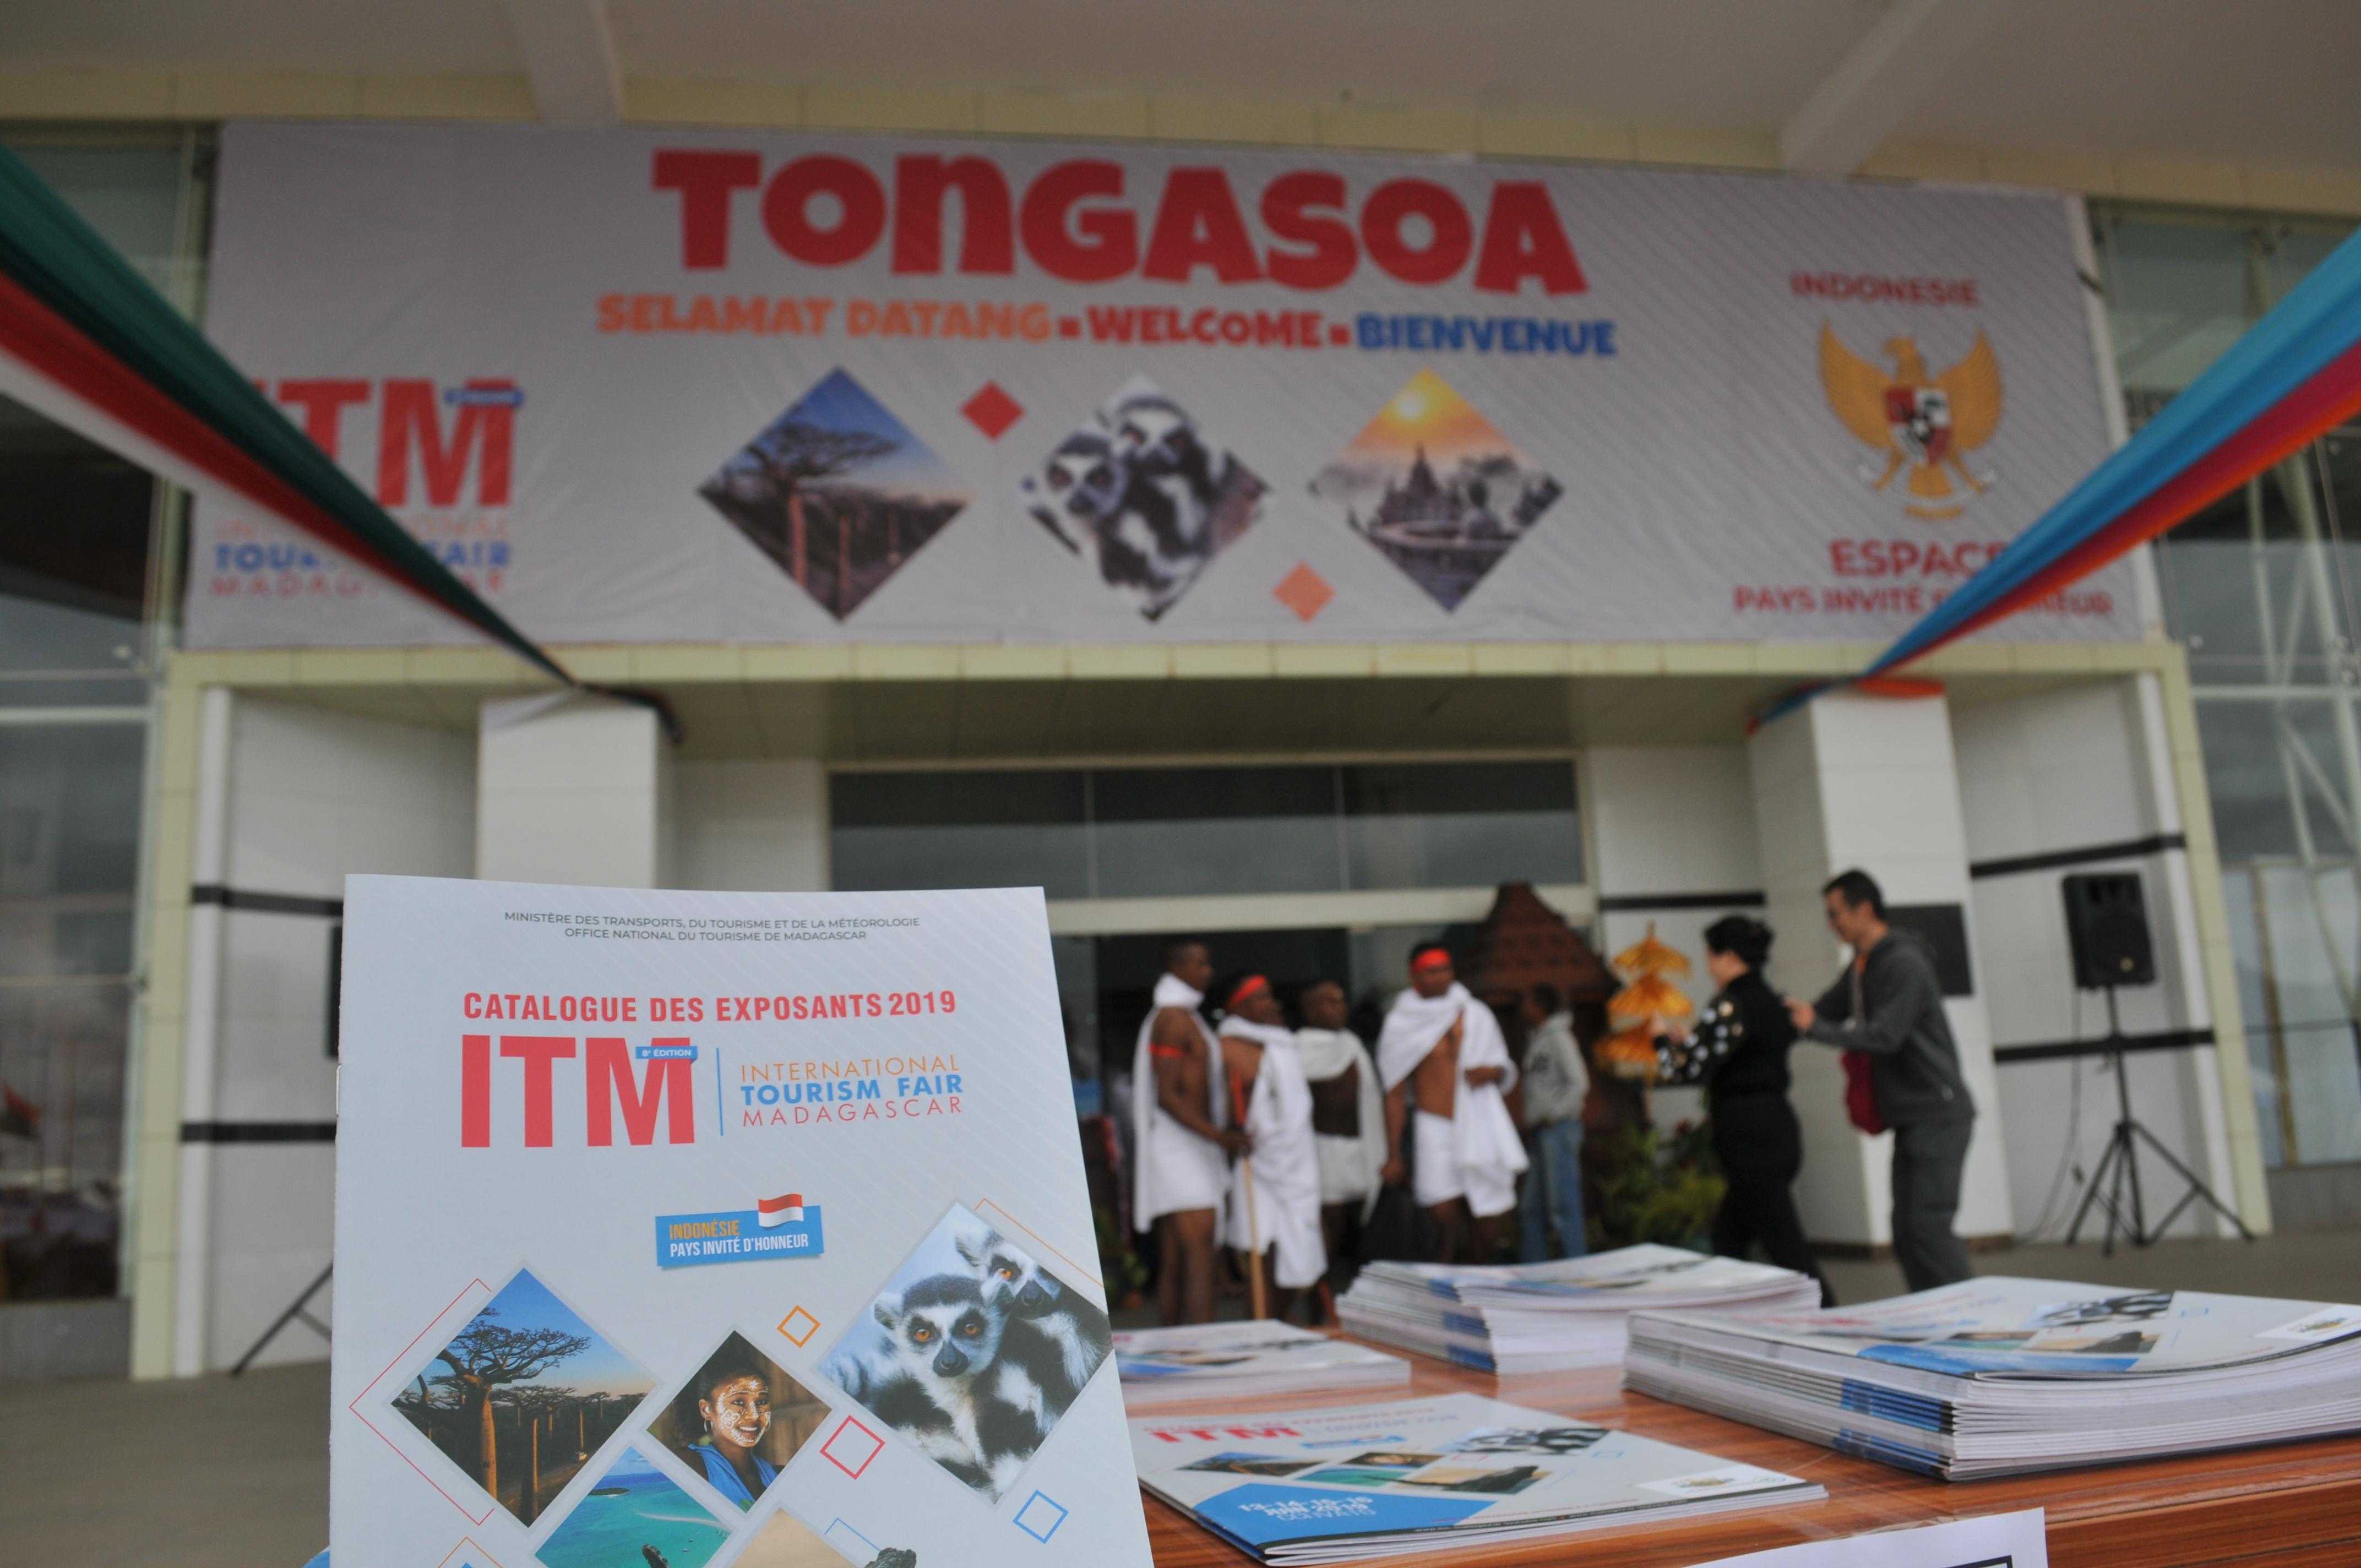 ITM (International Tourism Fair Madagascar) - 0